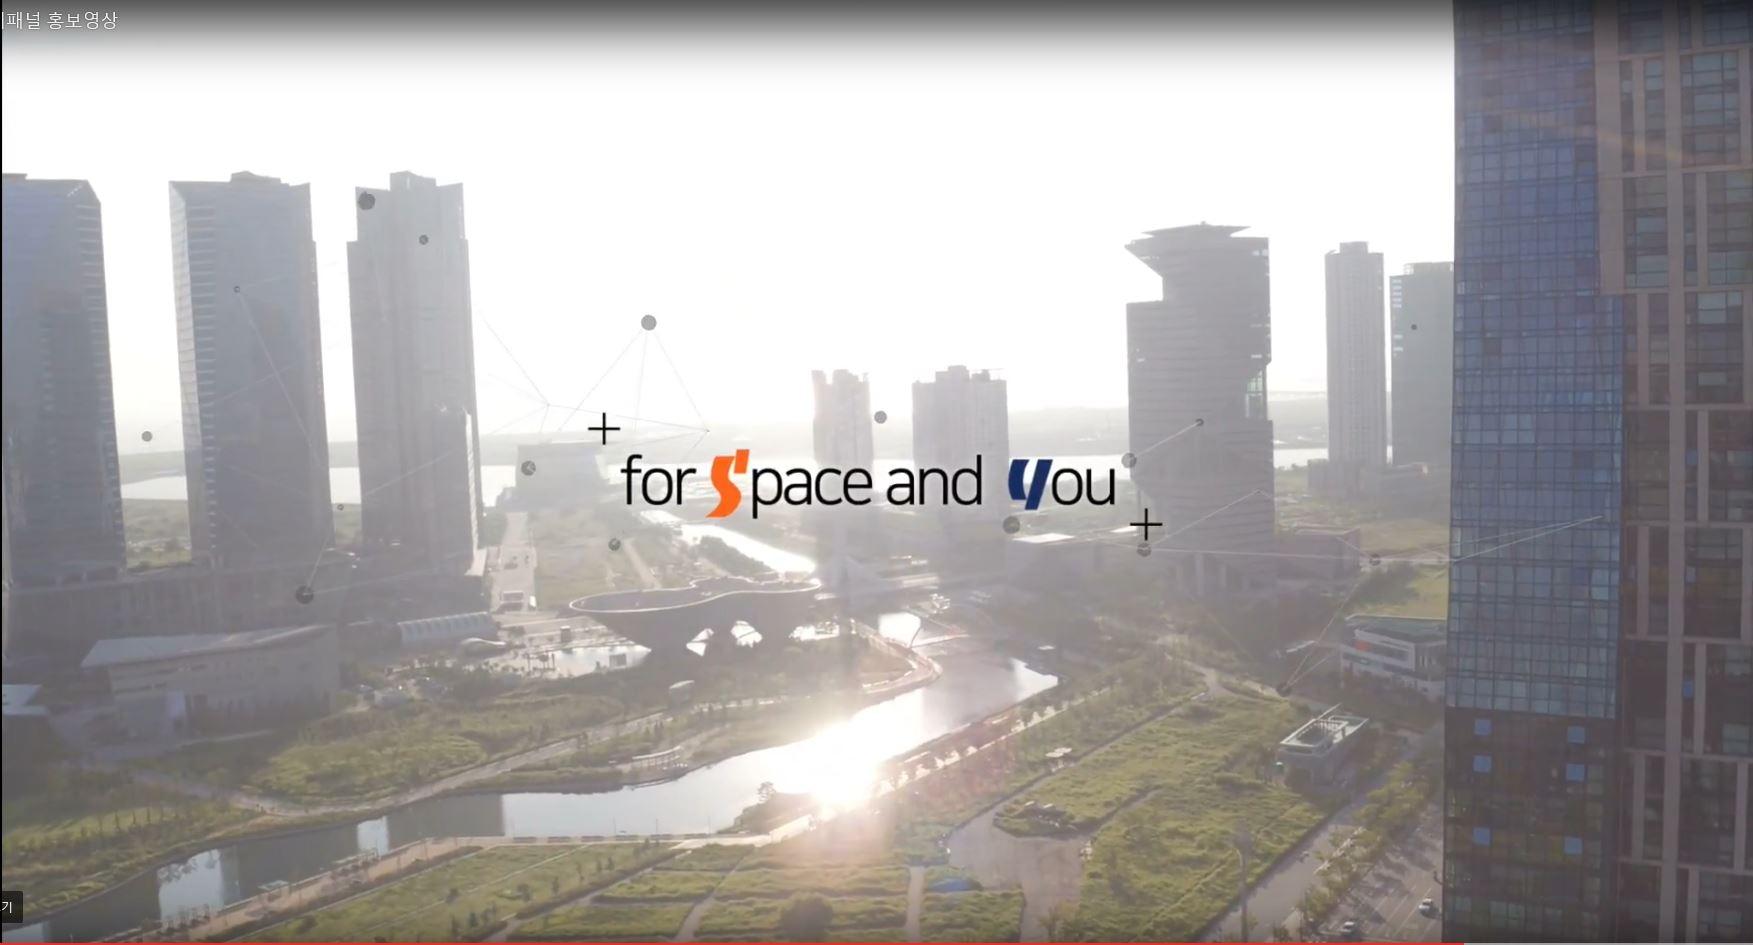 2017 에스와이그룹 이미지광고(국문)